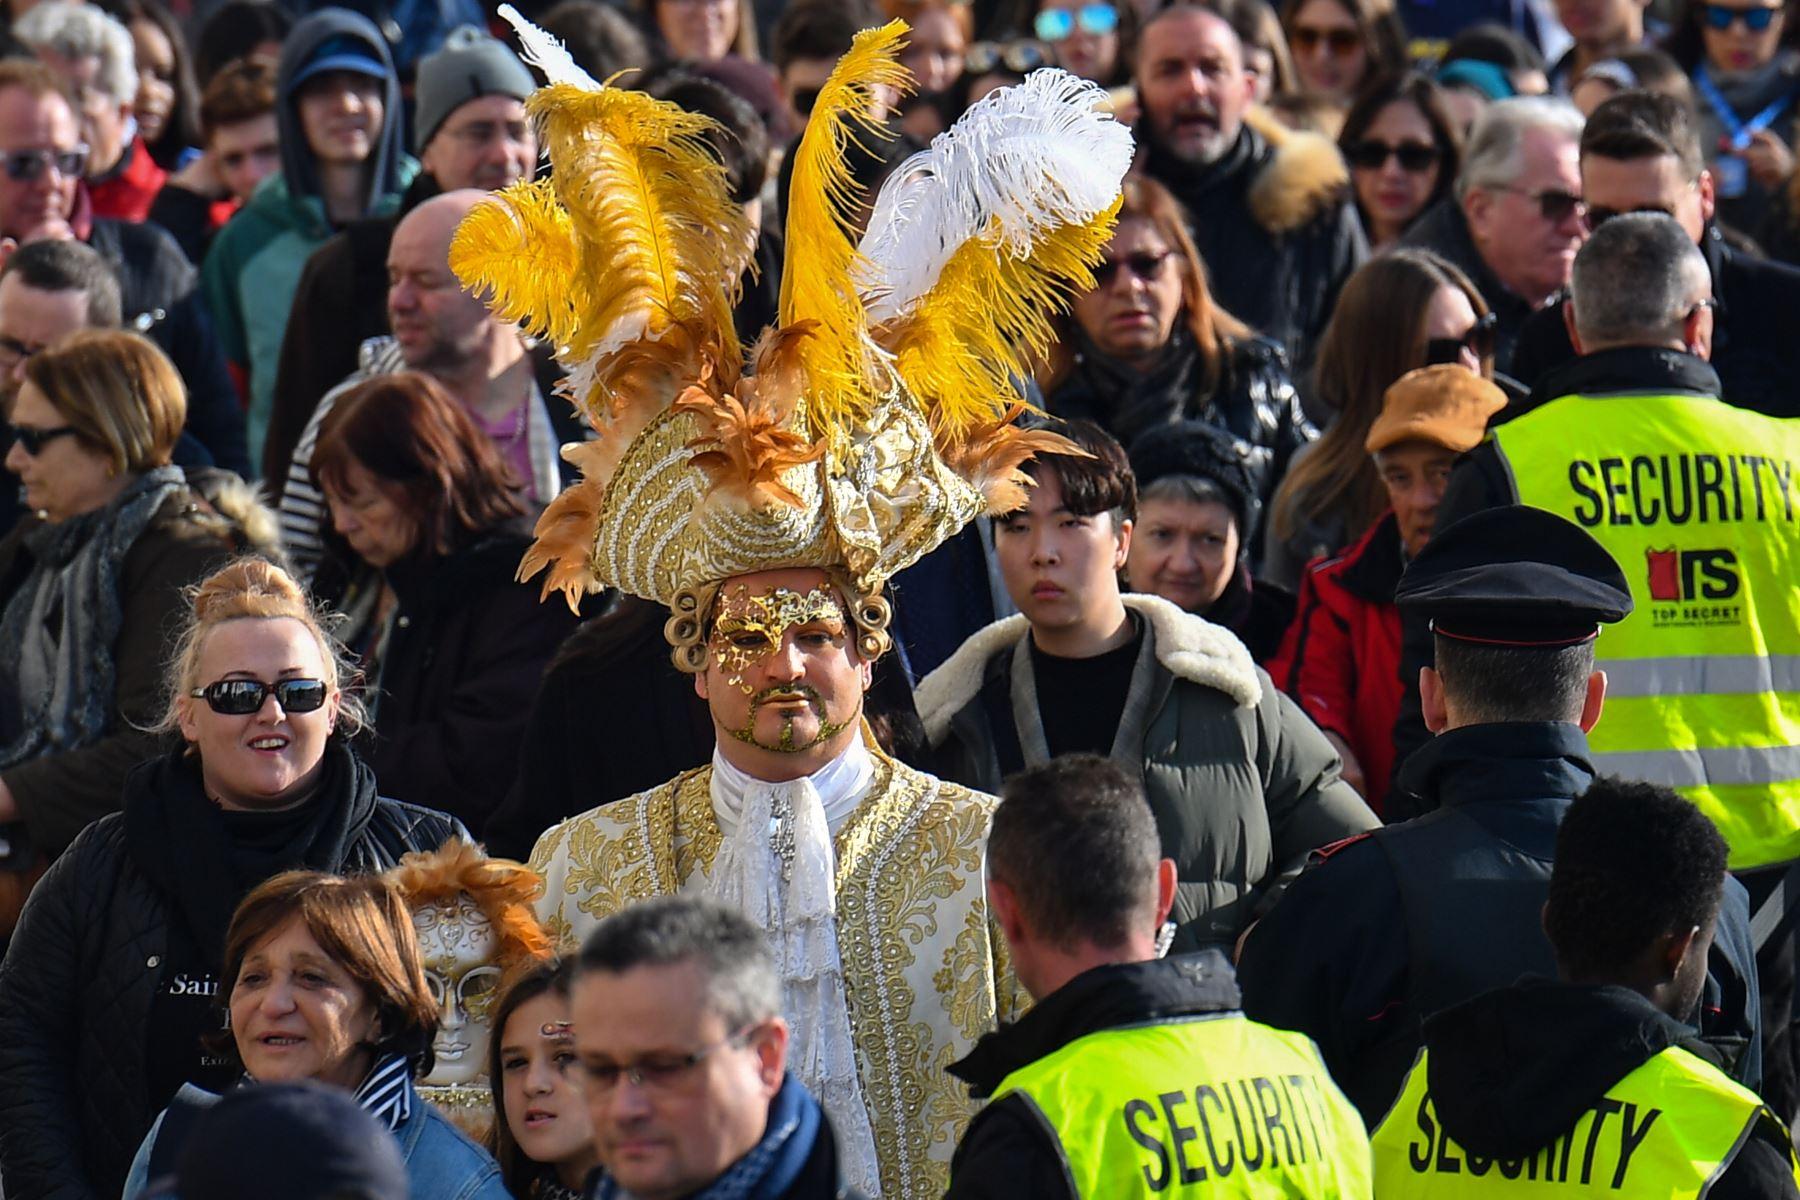 Los oficiales de seguridad  revisan a los participantes con máscaras y trajes de época que acceden a laPlaza de San Marcos durante el Carnaval de Venecia. Foto: AFP